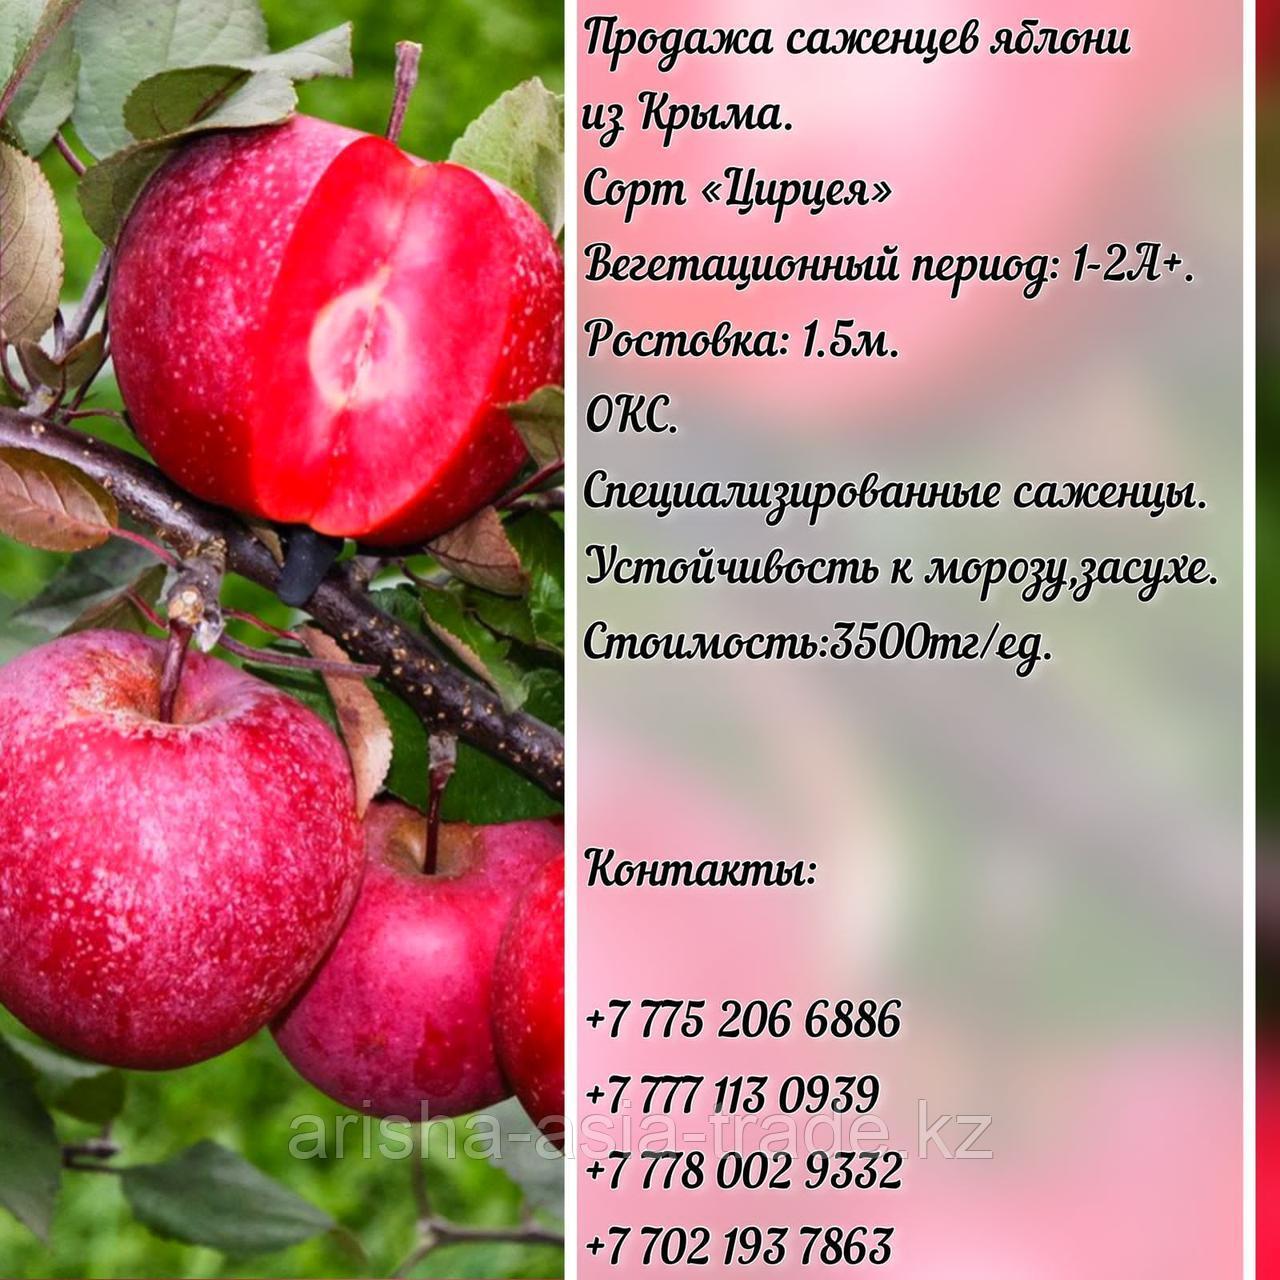 """Саженцы яблони """"Цирцея"""" красная мякоть Крым"""